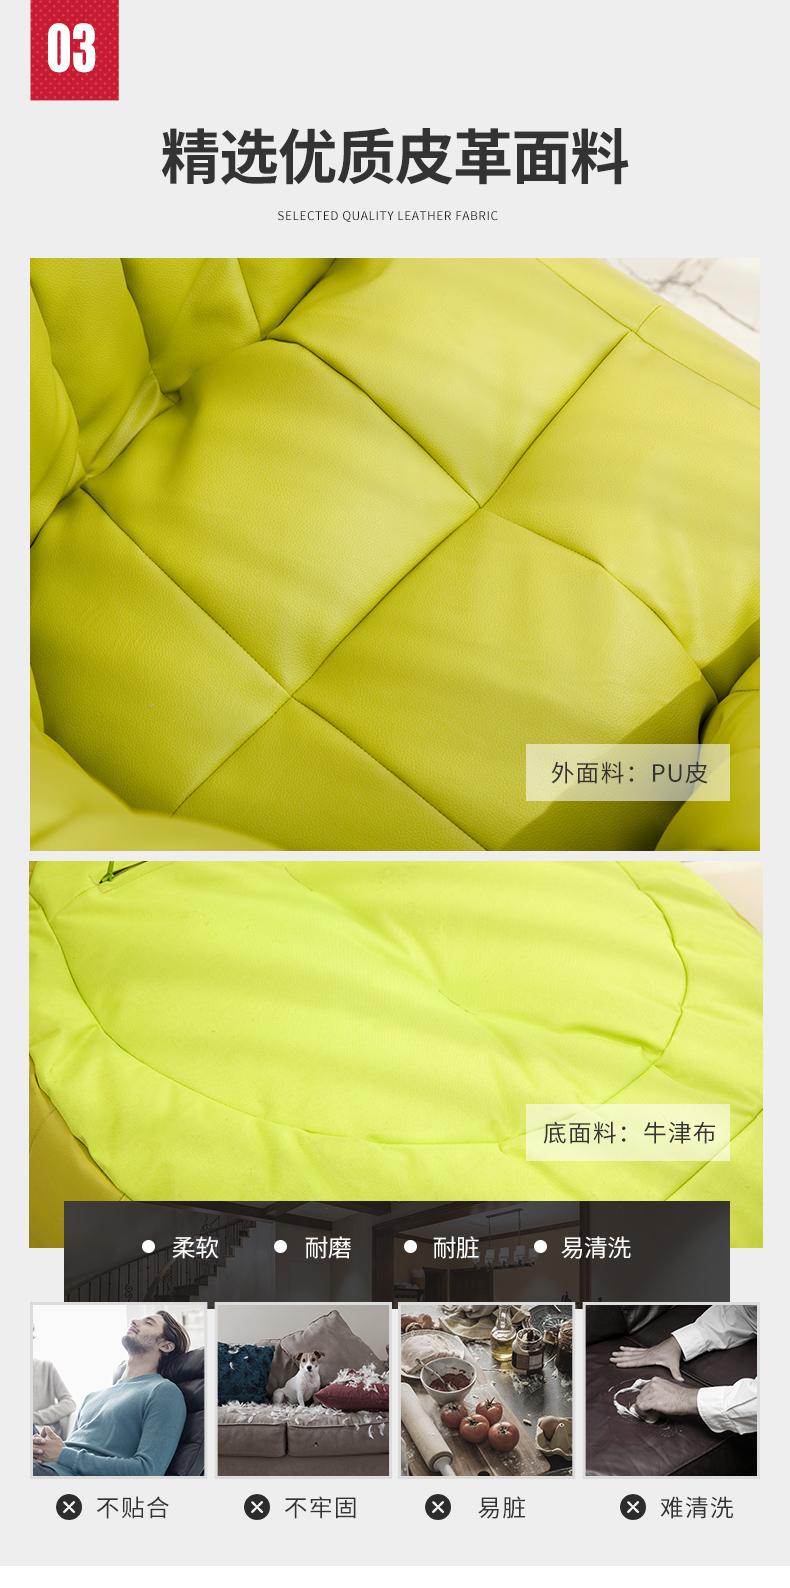 皮革懒人沙发,PU皮懒人沙发,LUCKYSAC酒店用沙发精选优质皮革面料